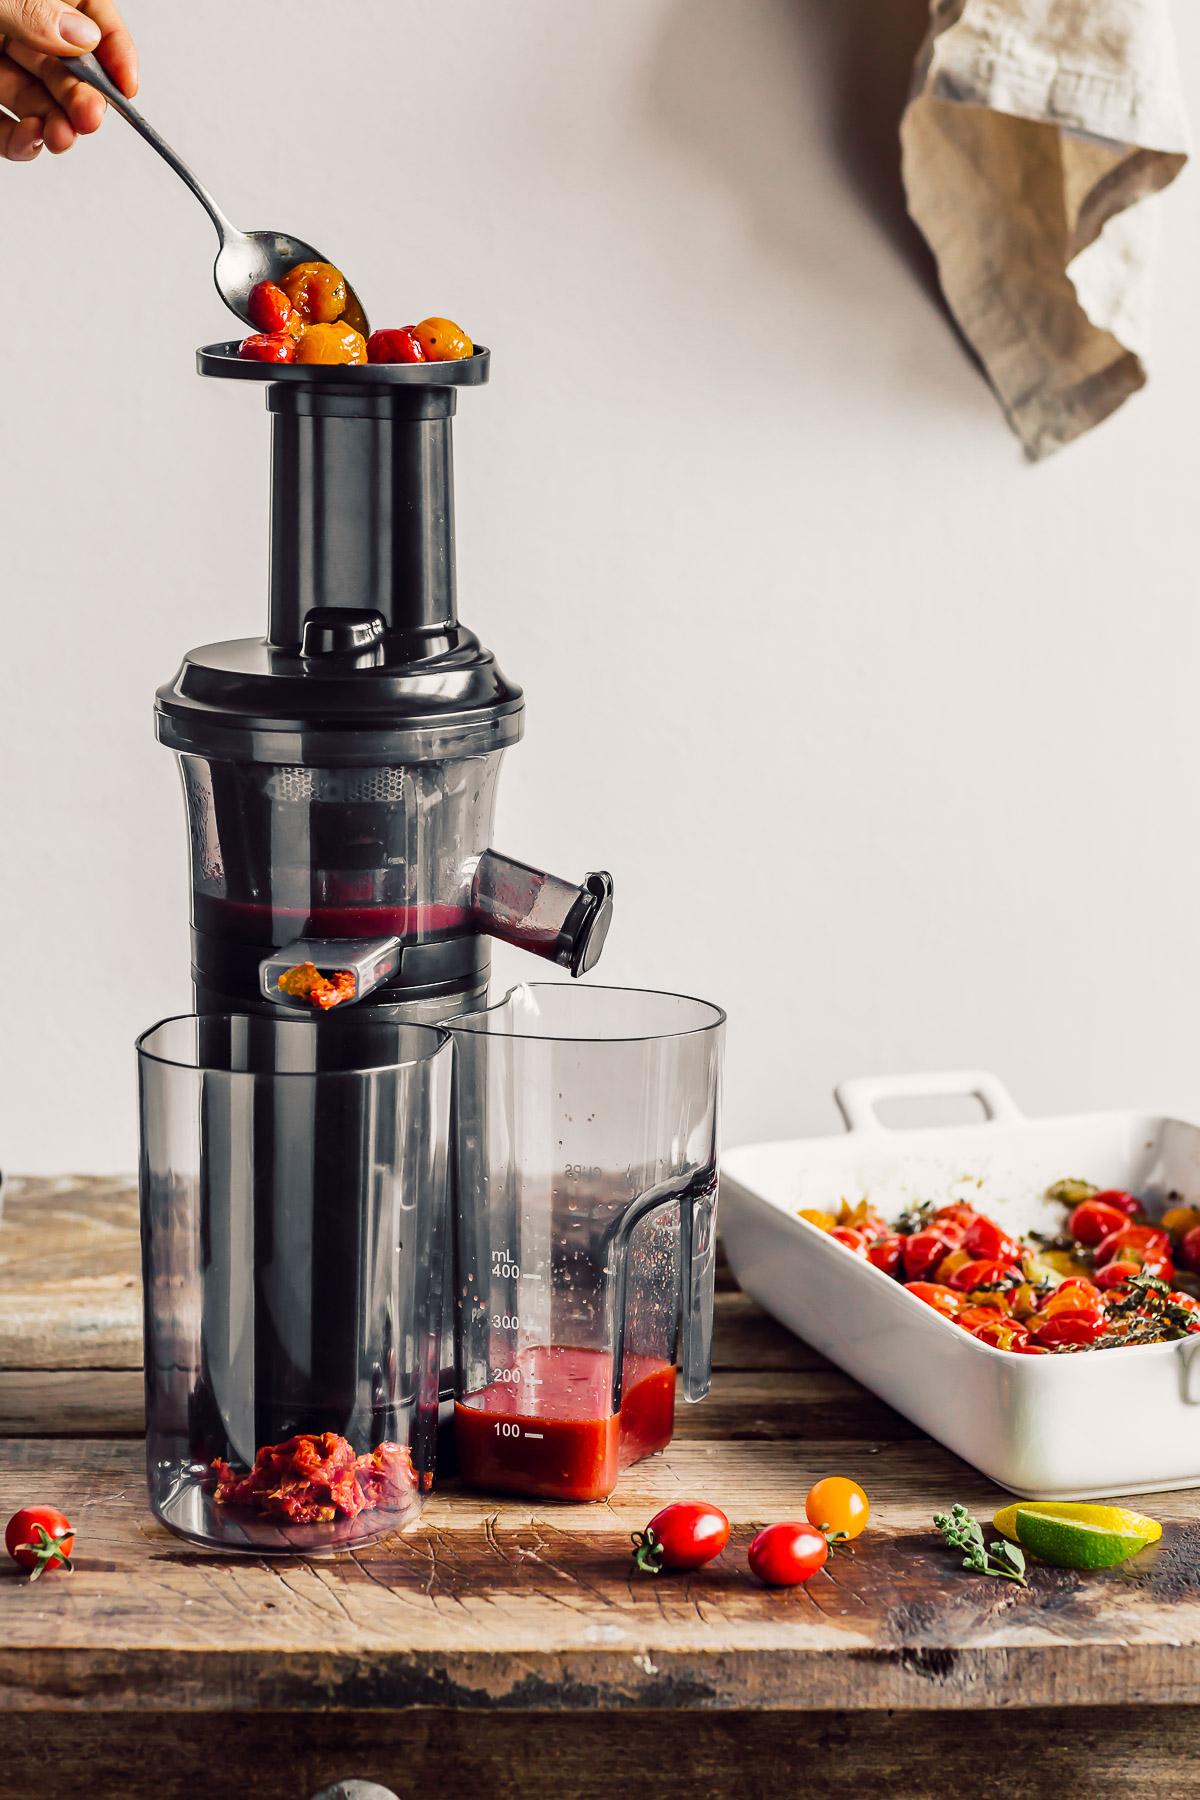 ricetta SALSA di POMODORINI ARROSTITI zuppa di pomodorini confit ROASTED CHERRY TOMATO SAUCE #vegan tomato suop recipe